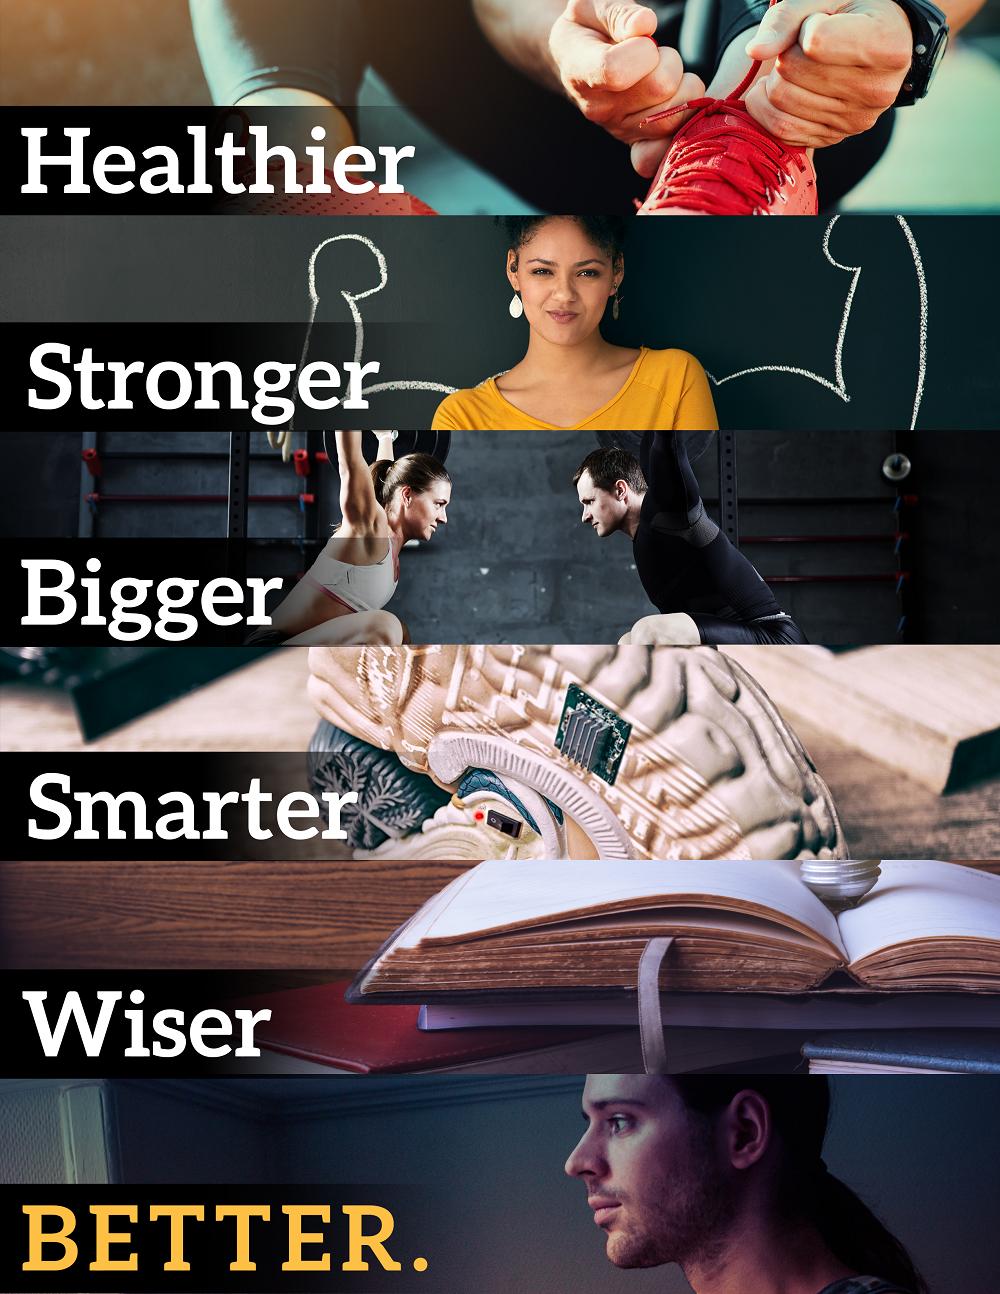 better-healthier-stronger-bigger-smarter-wiser